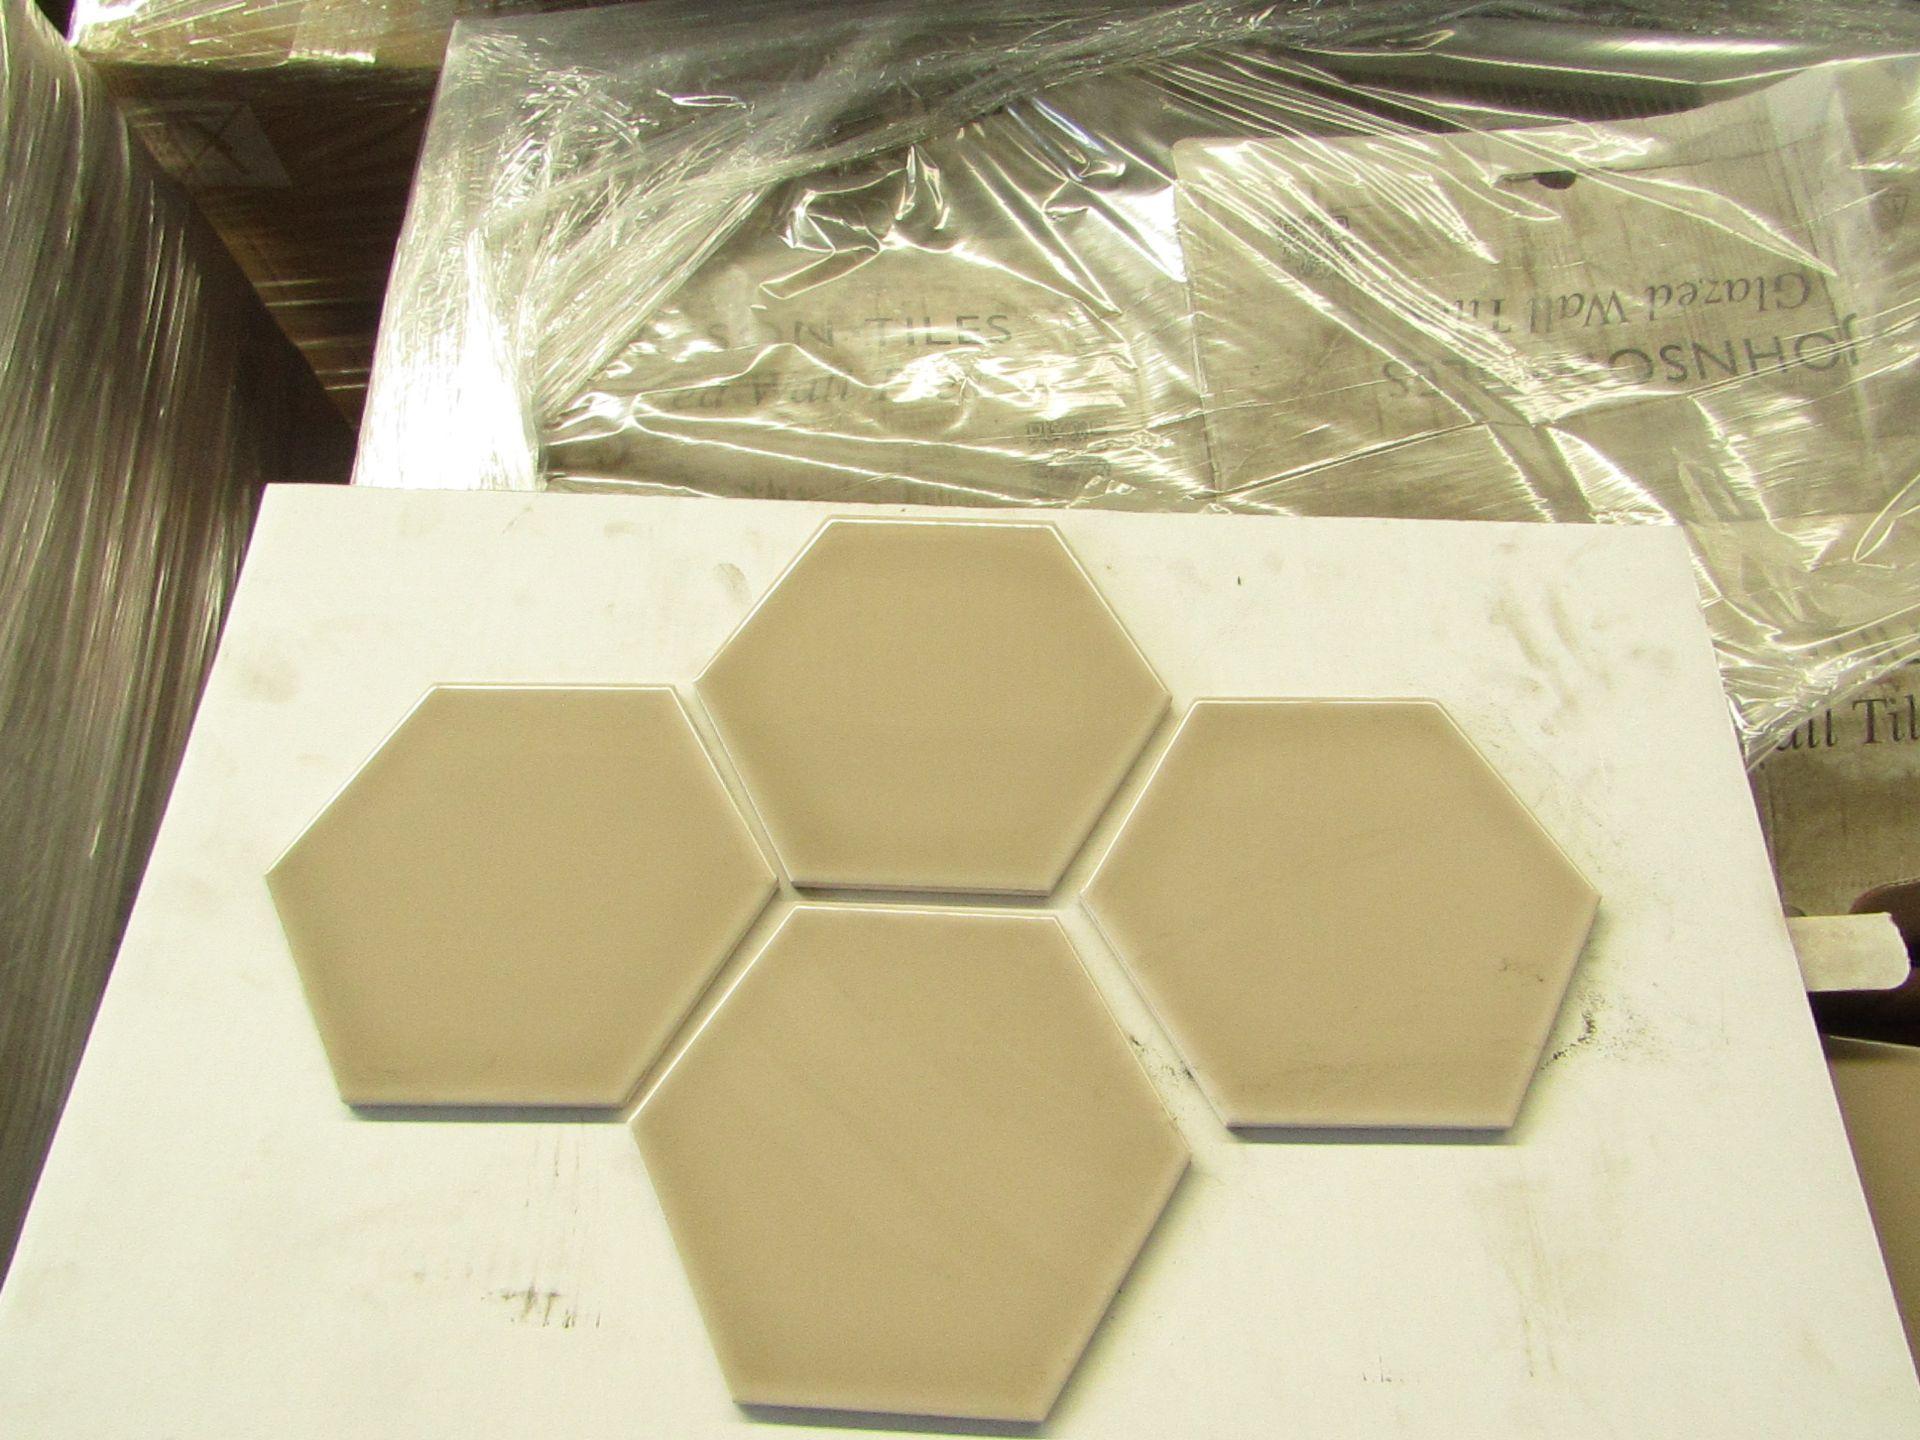 10x Packs of 50 Johnsons tiles 150 x 173 Savory Grain Gloss SAV03A, AAH150SAV03A050, brand new.